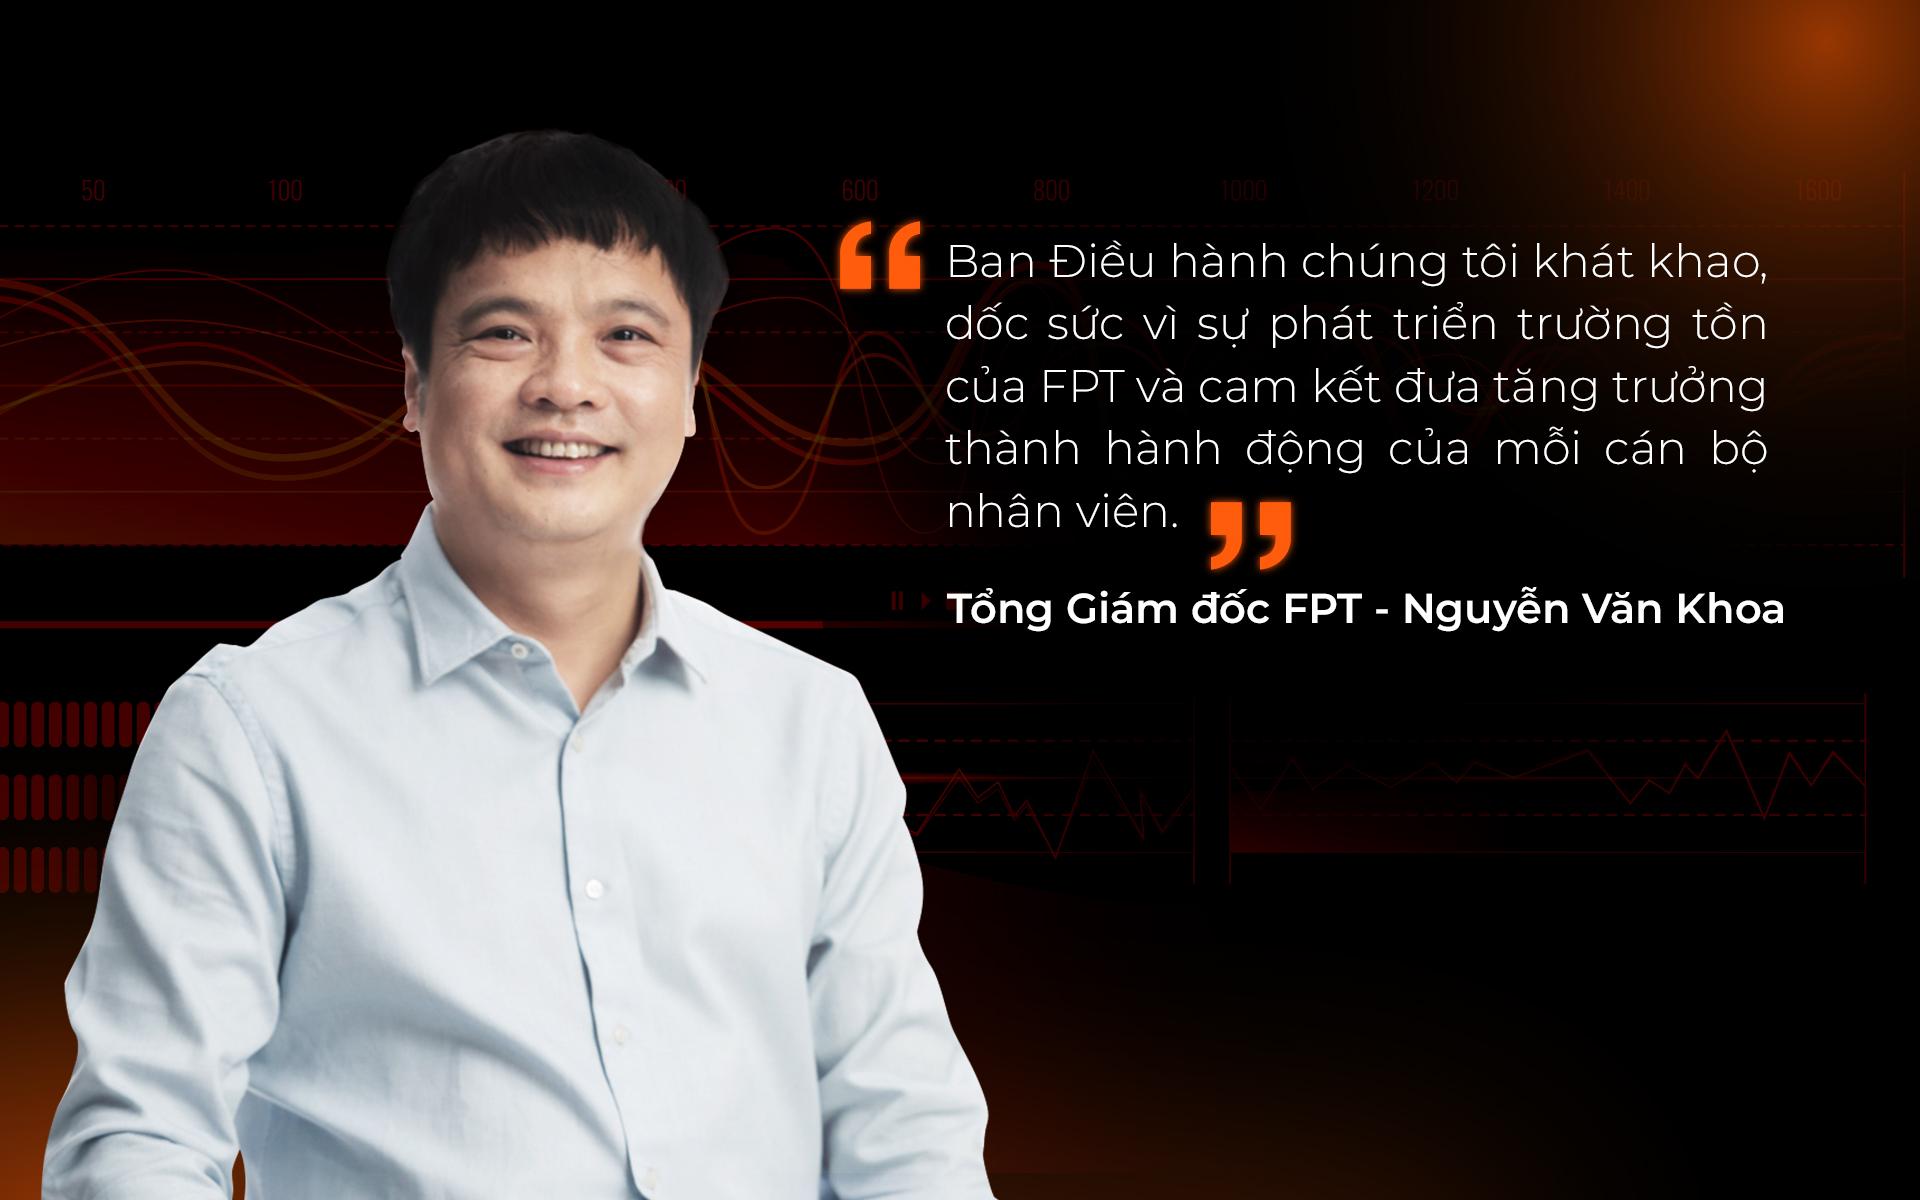 Dấu ấn quản trị của đội ngũ lãnh đạo trẻ FPT 1